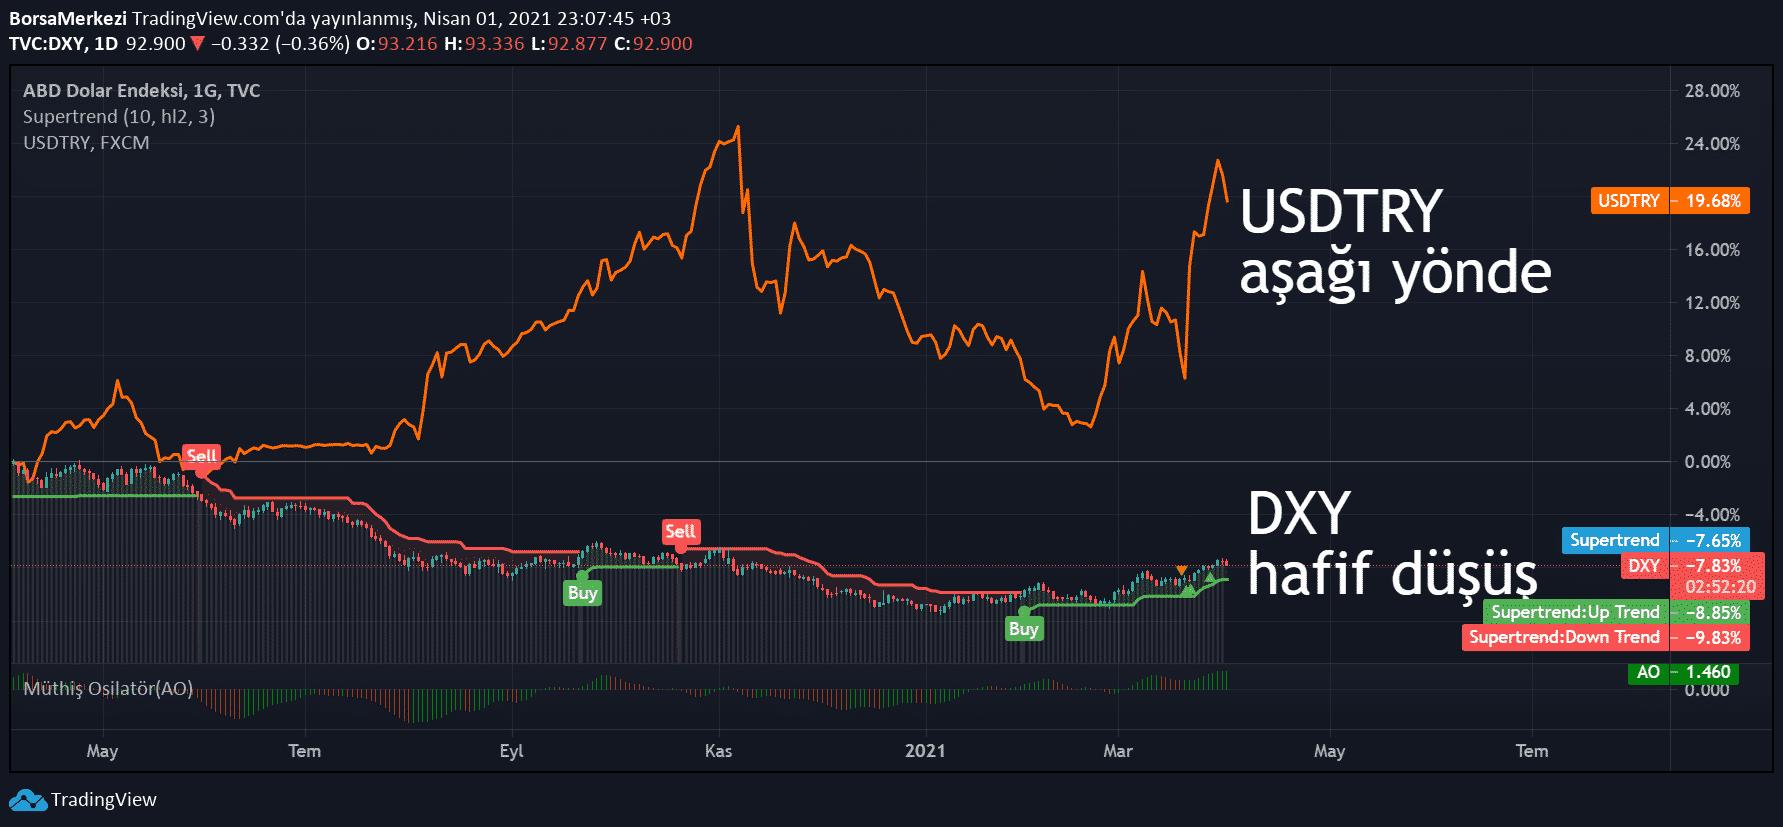 dxy dolar endeksi